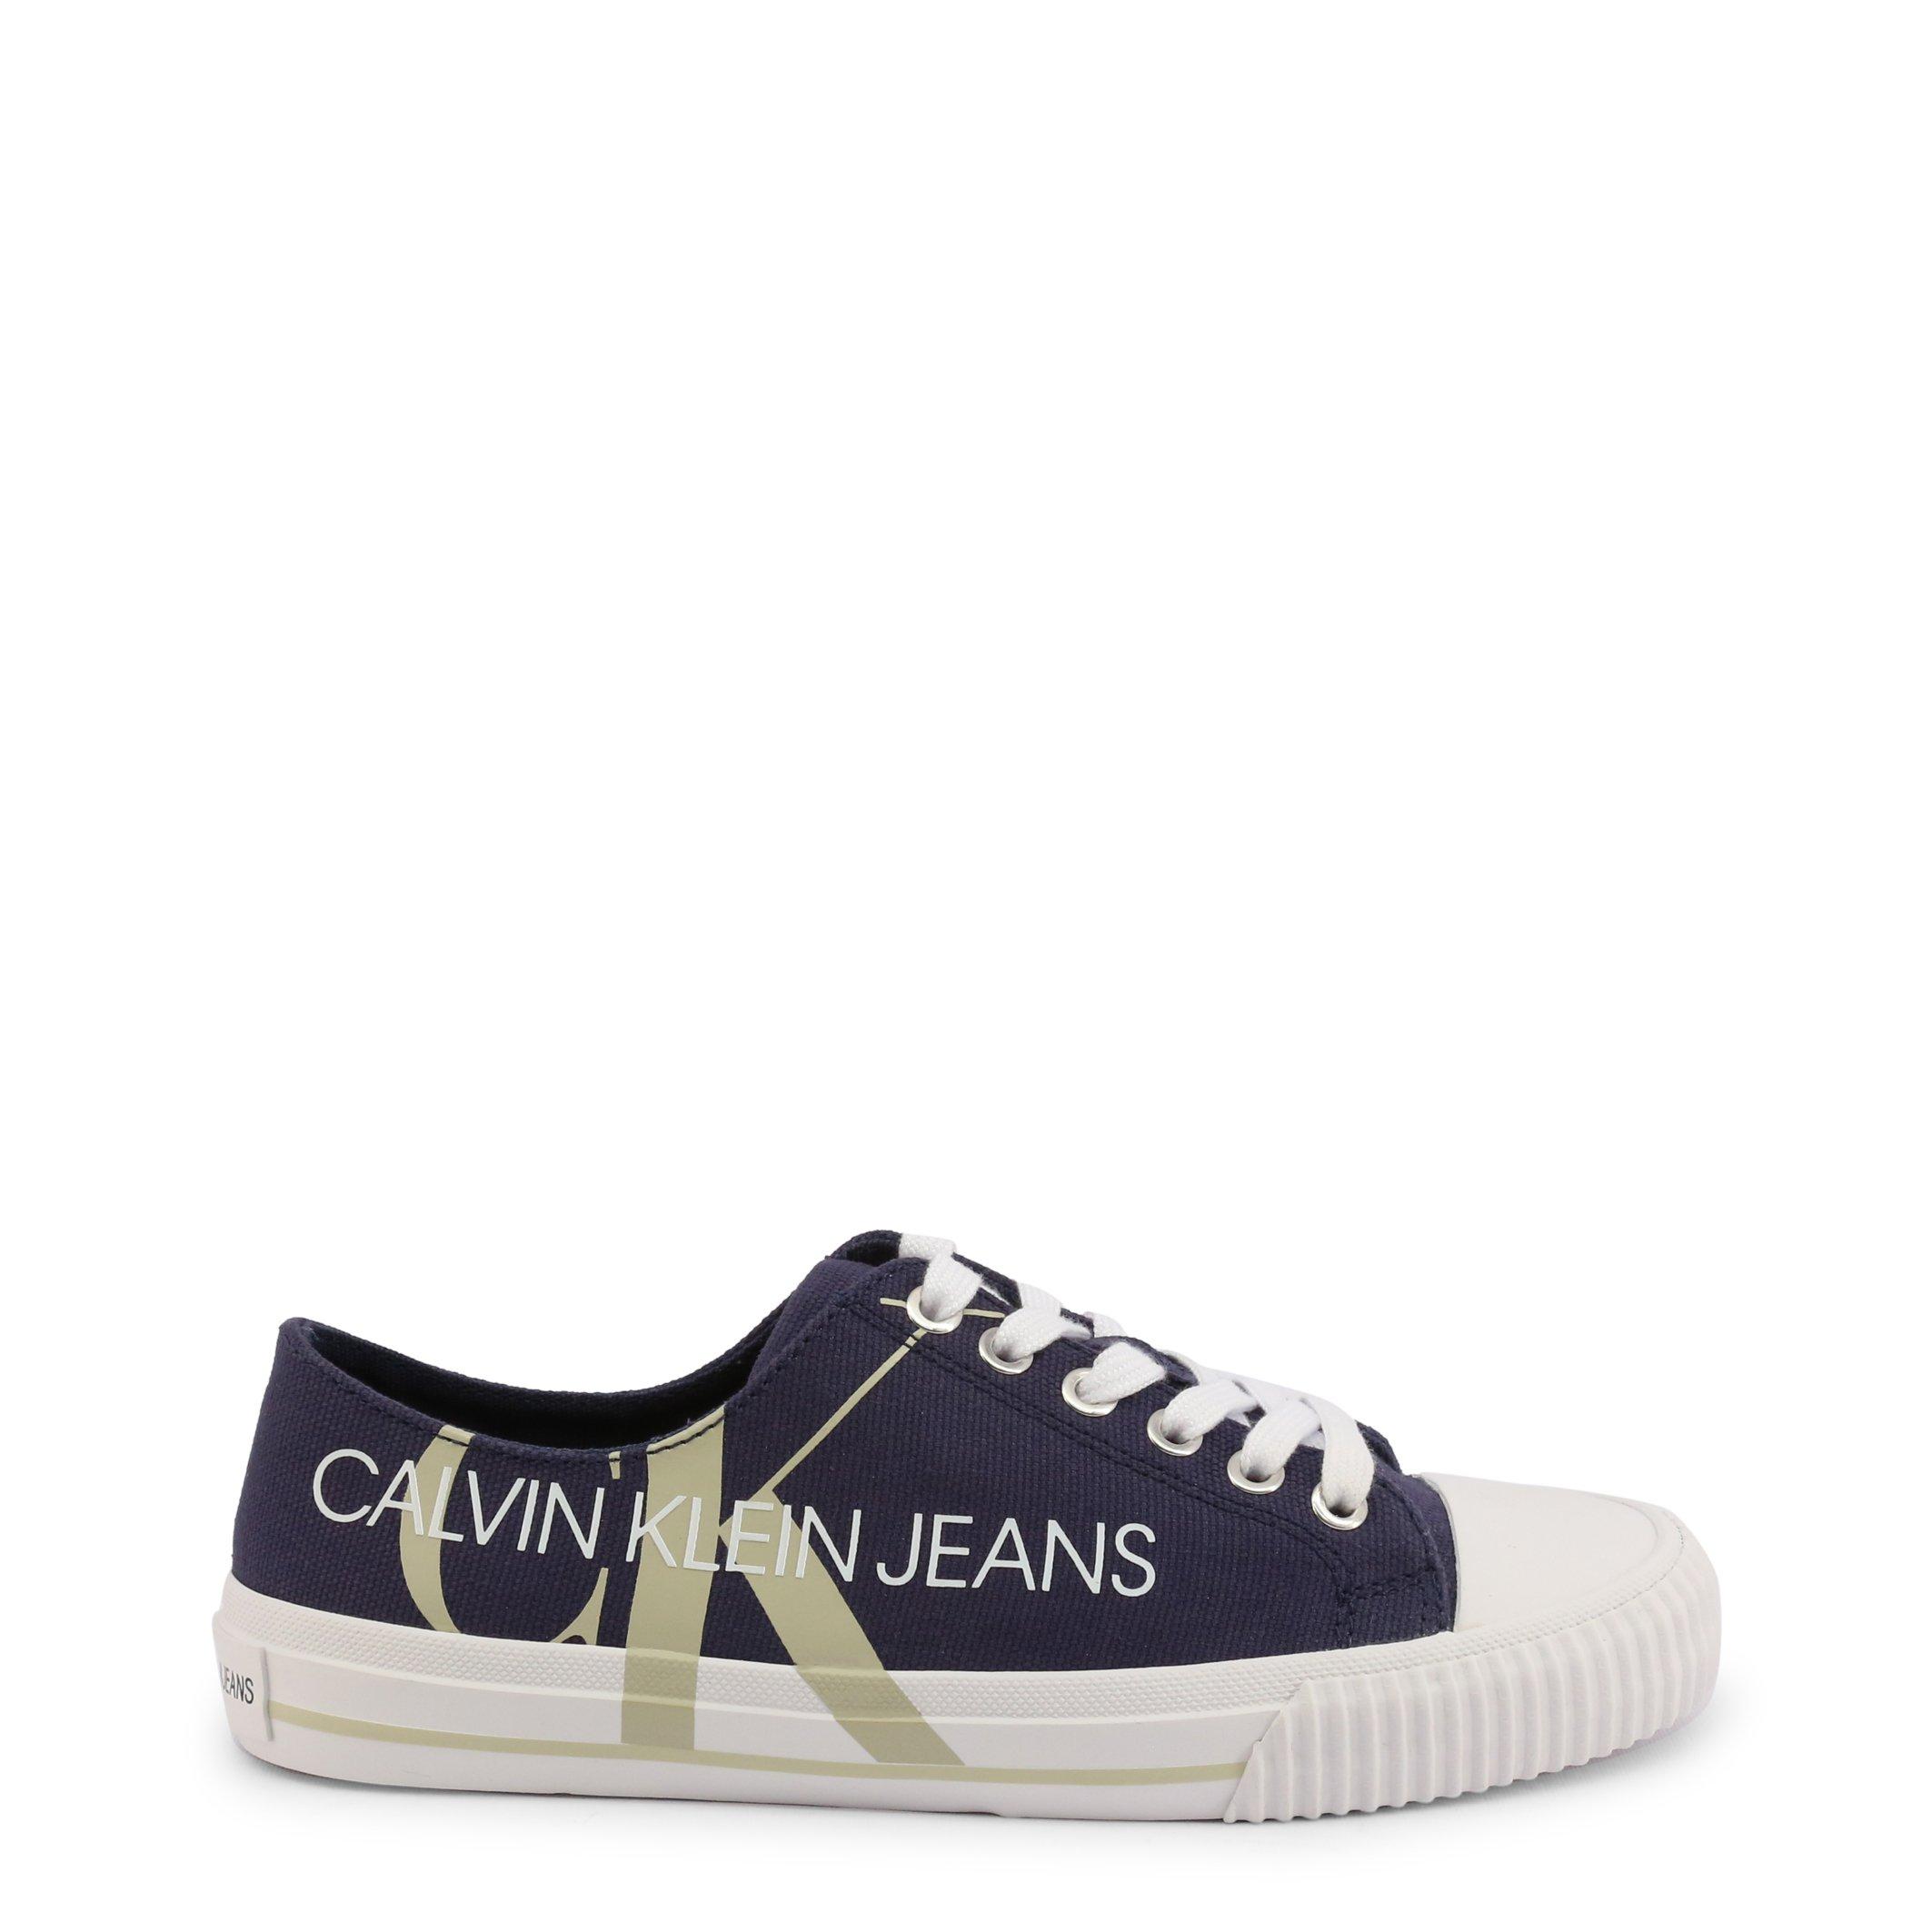 Calvin Klein Women's Trainer Various Colours DEMIANNE_B4R0856 - blue EU 36